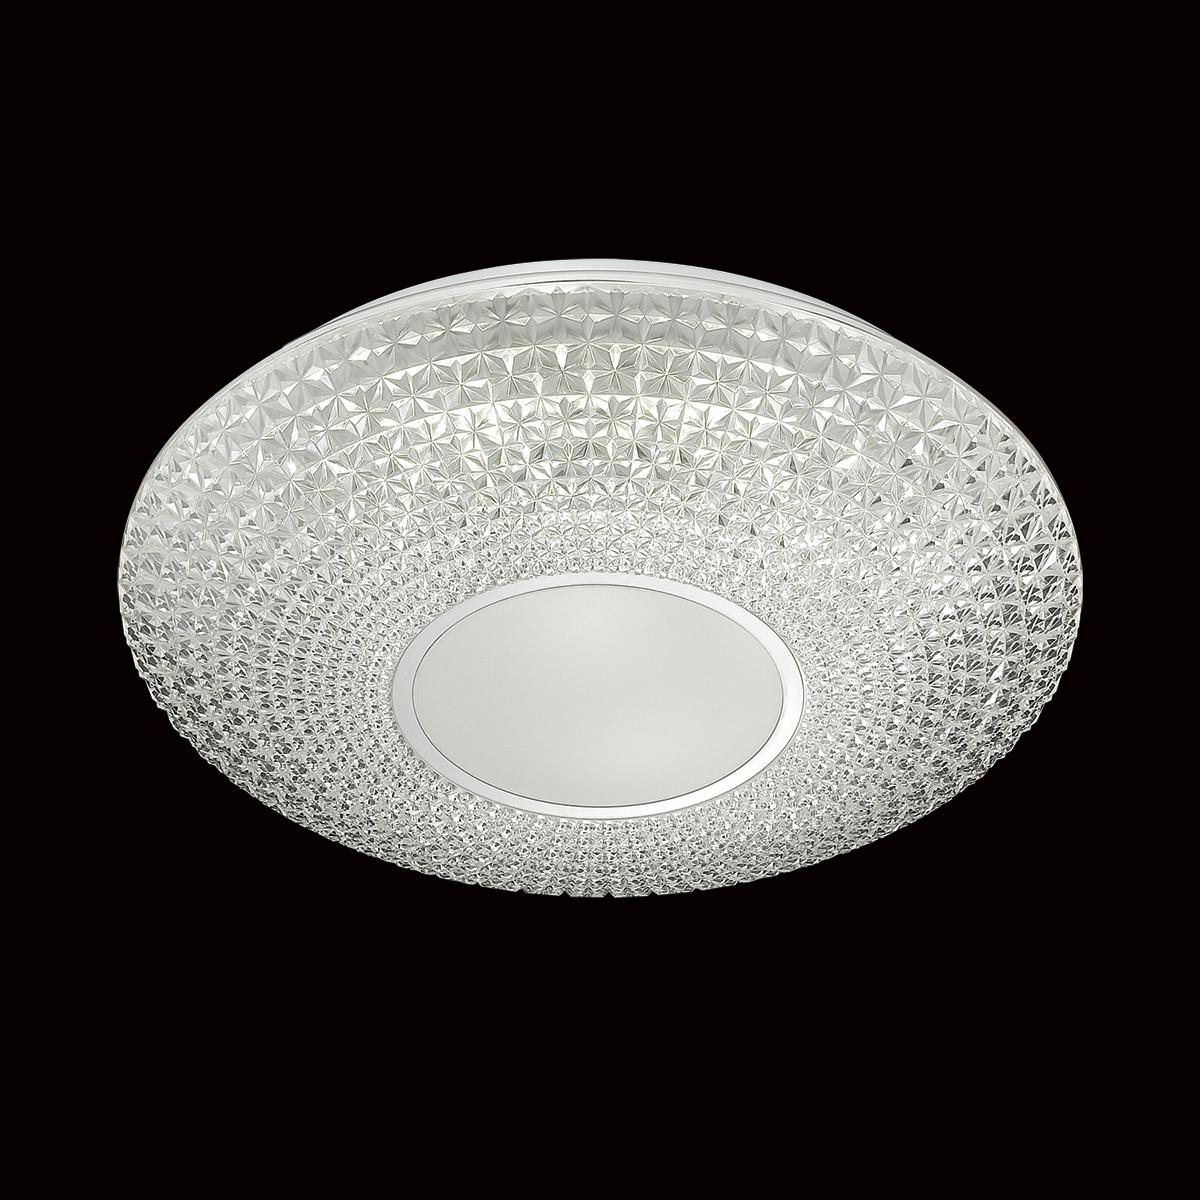 Потолочный светодиодный светильник с пультом ДУ Sonex Visma 2048/EL, IP43, LED 72W 3000-6500K 3612lm, белый, прозрачный, металл, пластик - фото 4